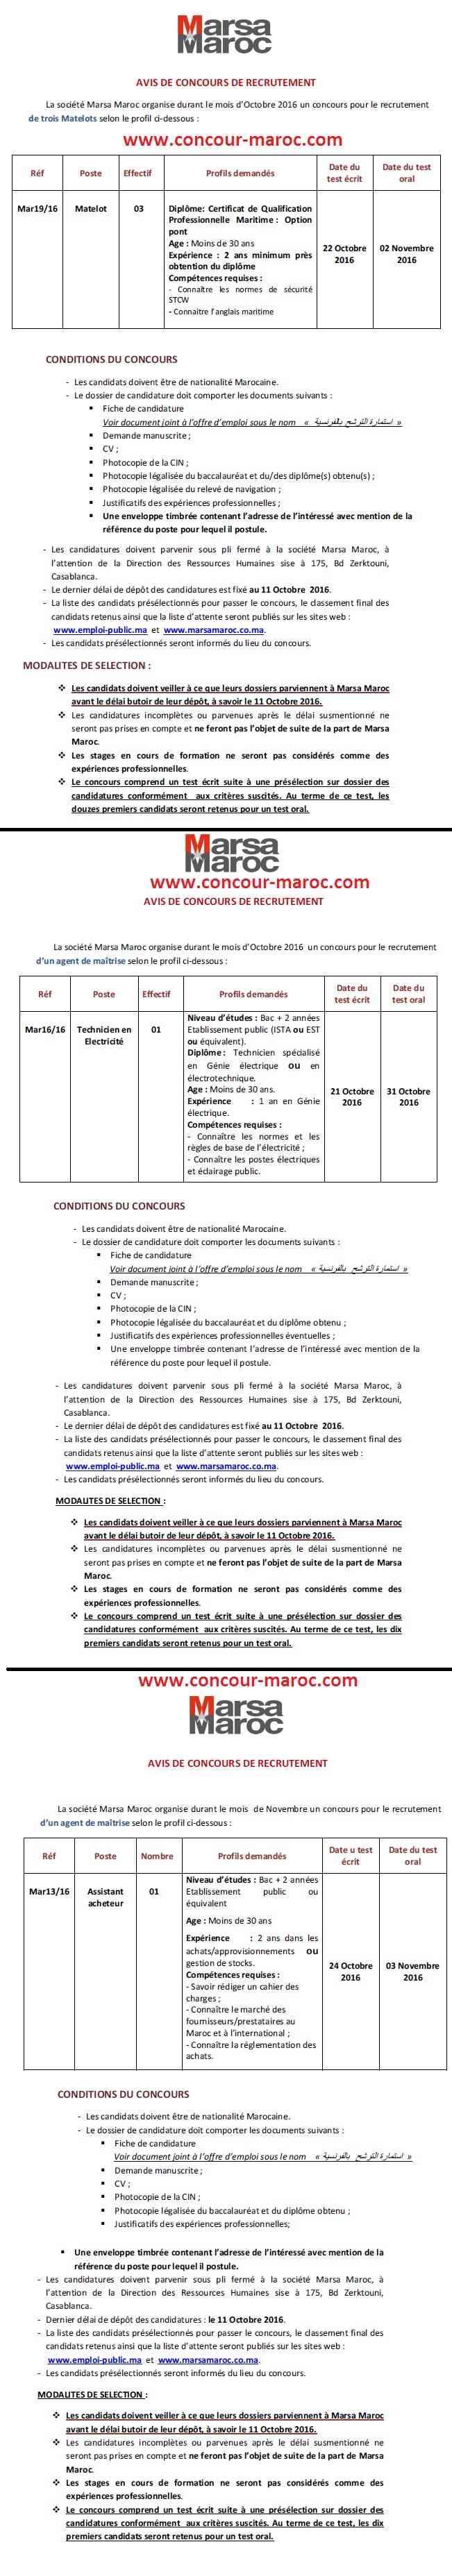 شركة استغلال الموانئ (مرسى ماروك) : مباراة لتوظيف عون بحار Matelot (3 مناصب) و تقنيين (3 مناصب) و اطر (7 مناصب) و ربان Pilote (2 منصبان) آخر أجل لإيداع الترشيحات 11 اكتوبر 2016 Concou21